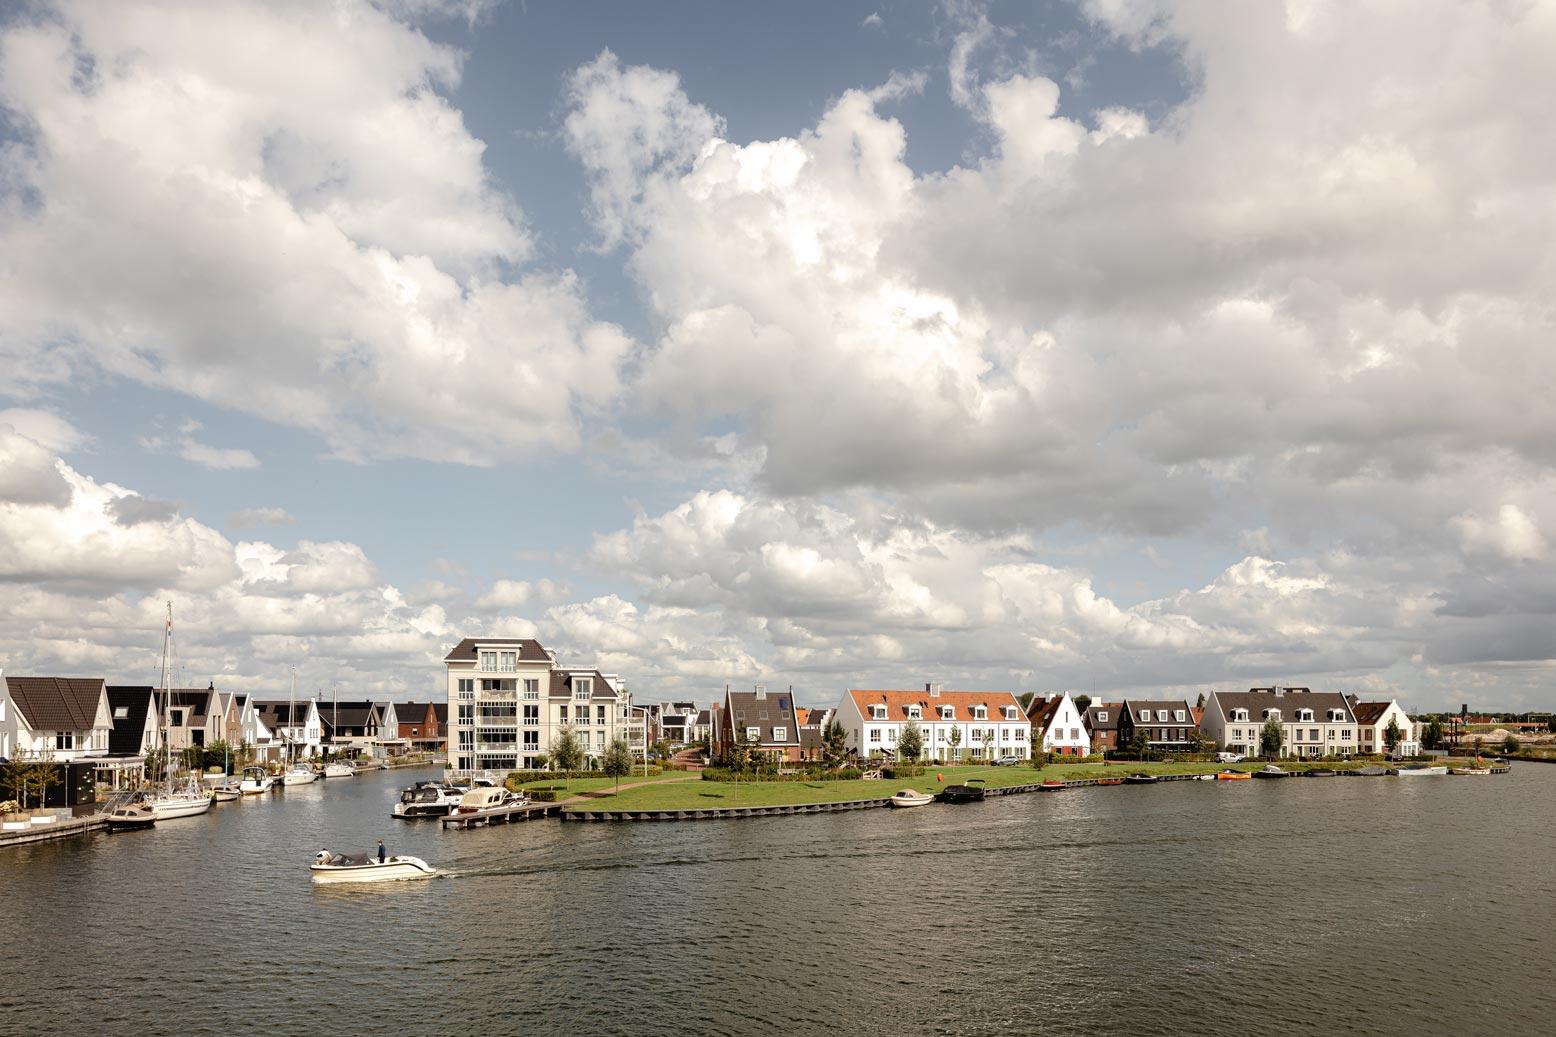 Synchroon-Circulair-Waterfont-Harderwijk-birdview